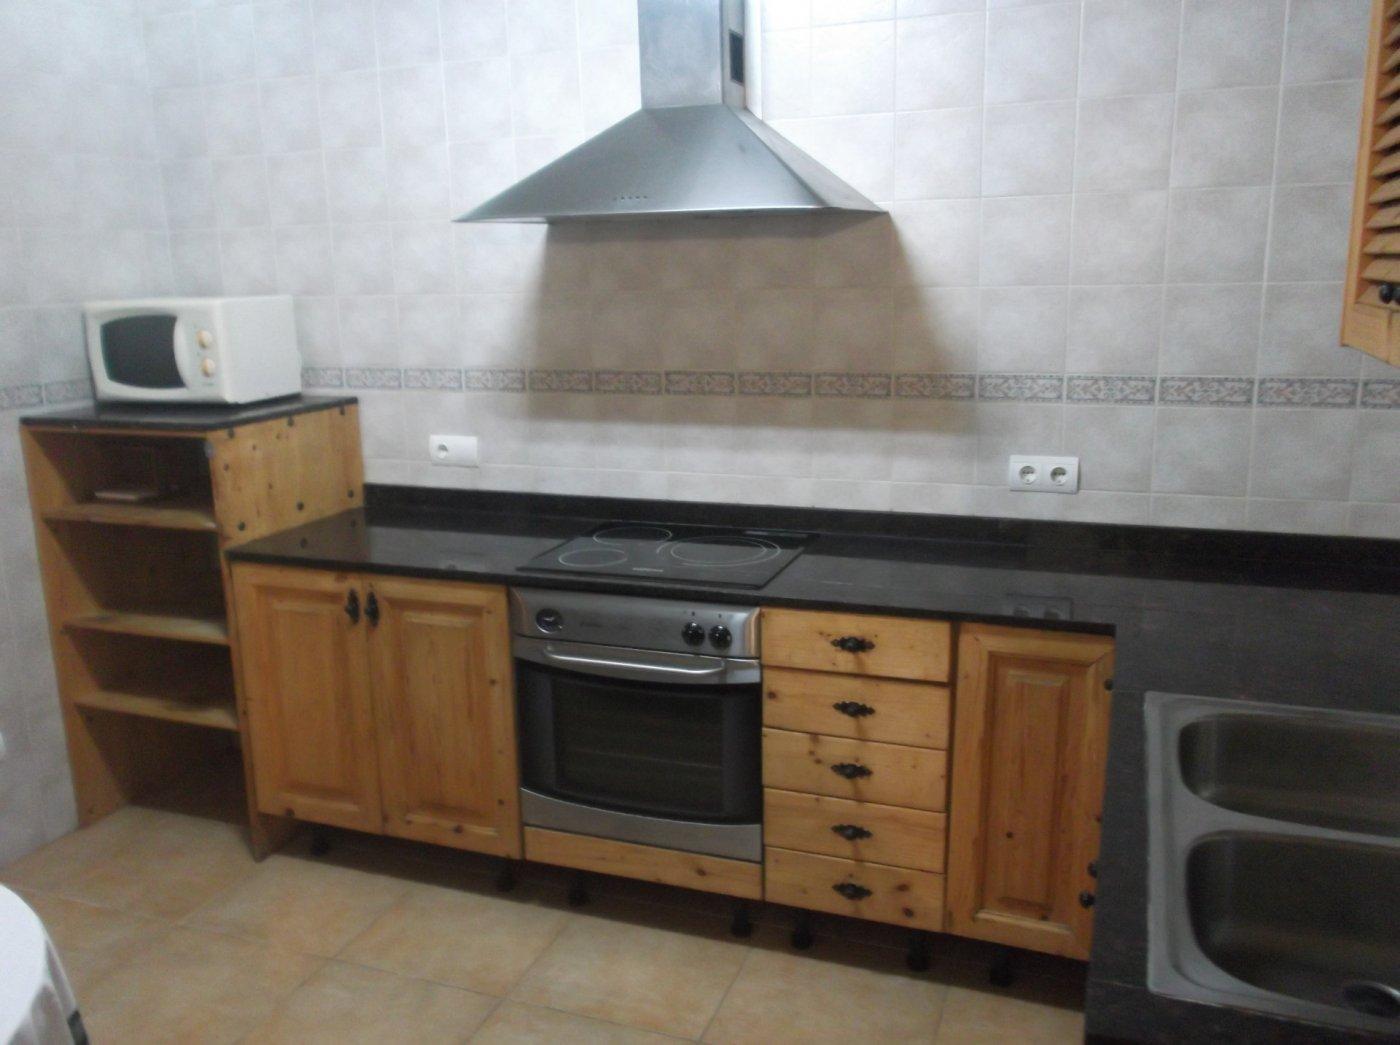 En venta casa de pueblo reformada 3 alturas estilo mallorquin centro llucmajor - imagenInmueble34